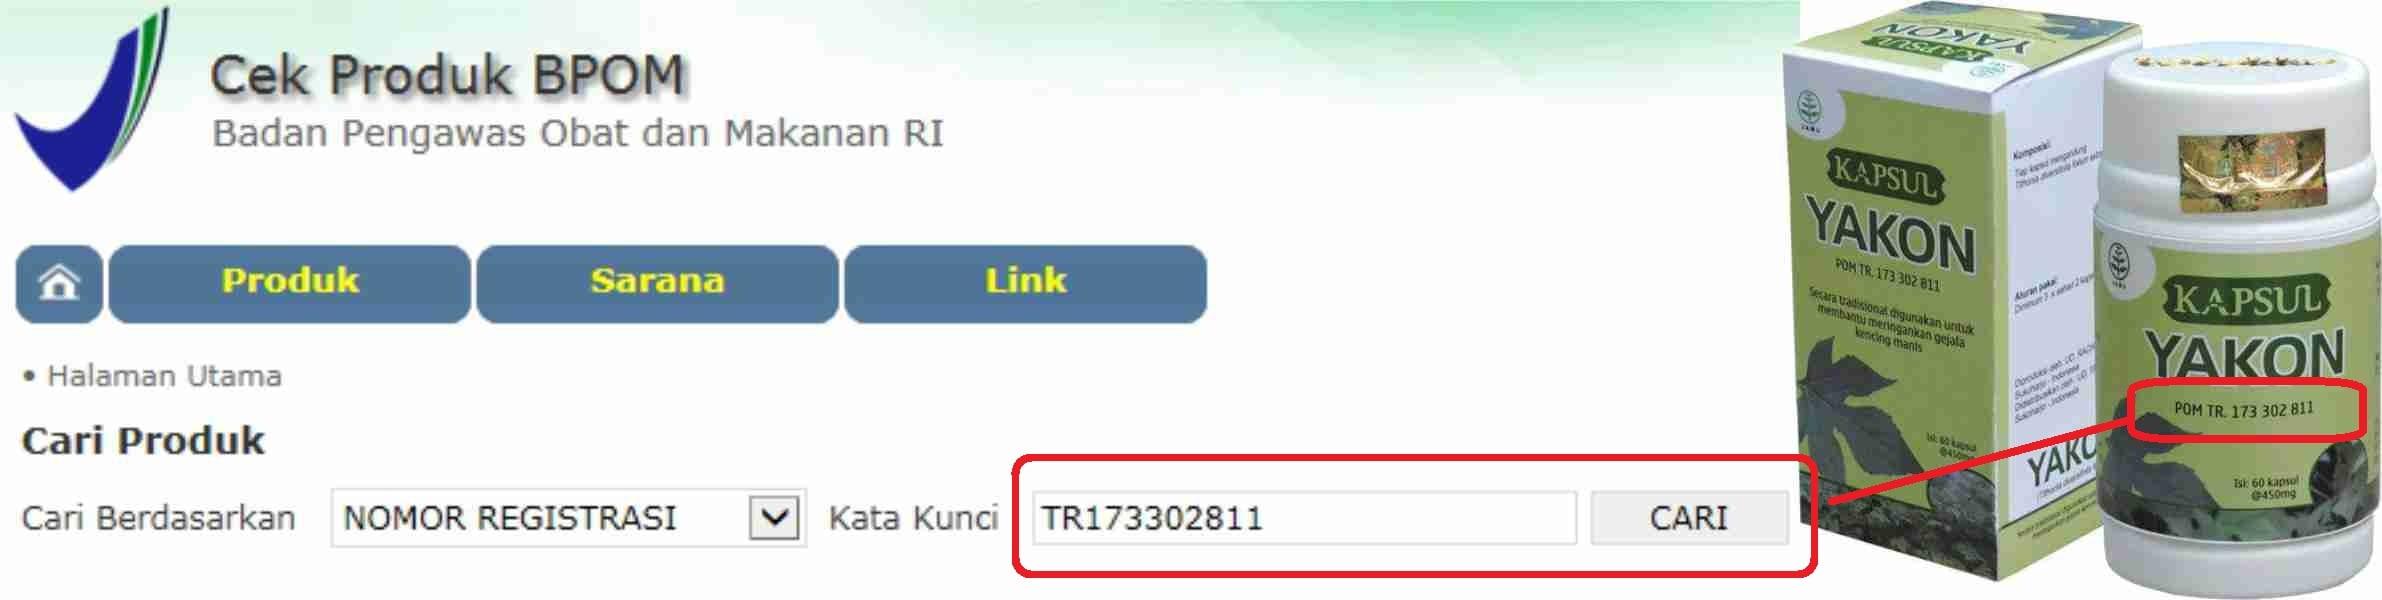 foto gambar Mengecek apakah produk herbal tazakka sudah terdaftar di bpom dan memiliki izin edar bagian 1